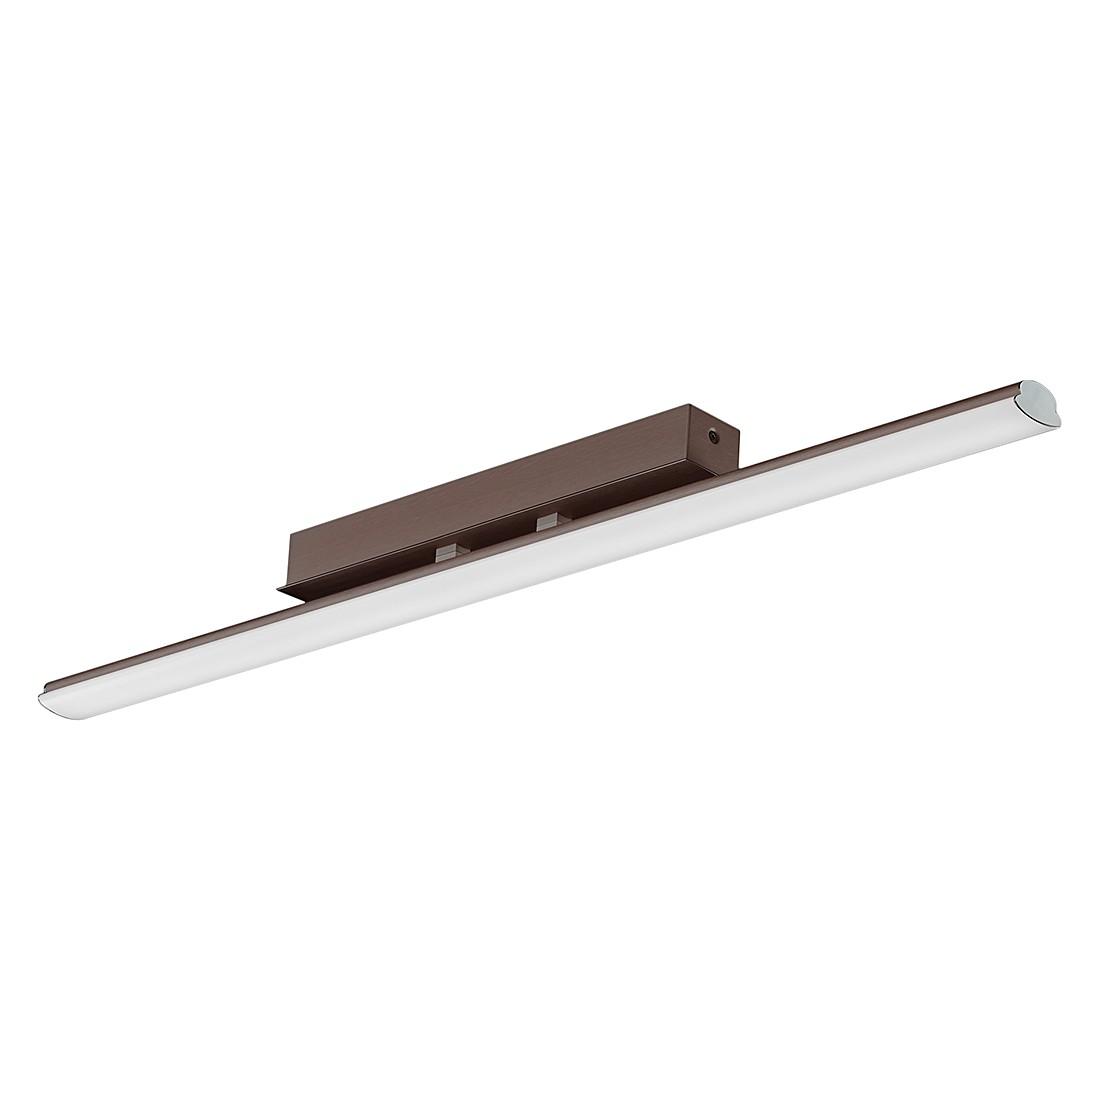 Deckenleuchte VENTA ● Metall/Kunststoff ● Braun- Helestra A+